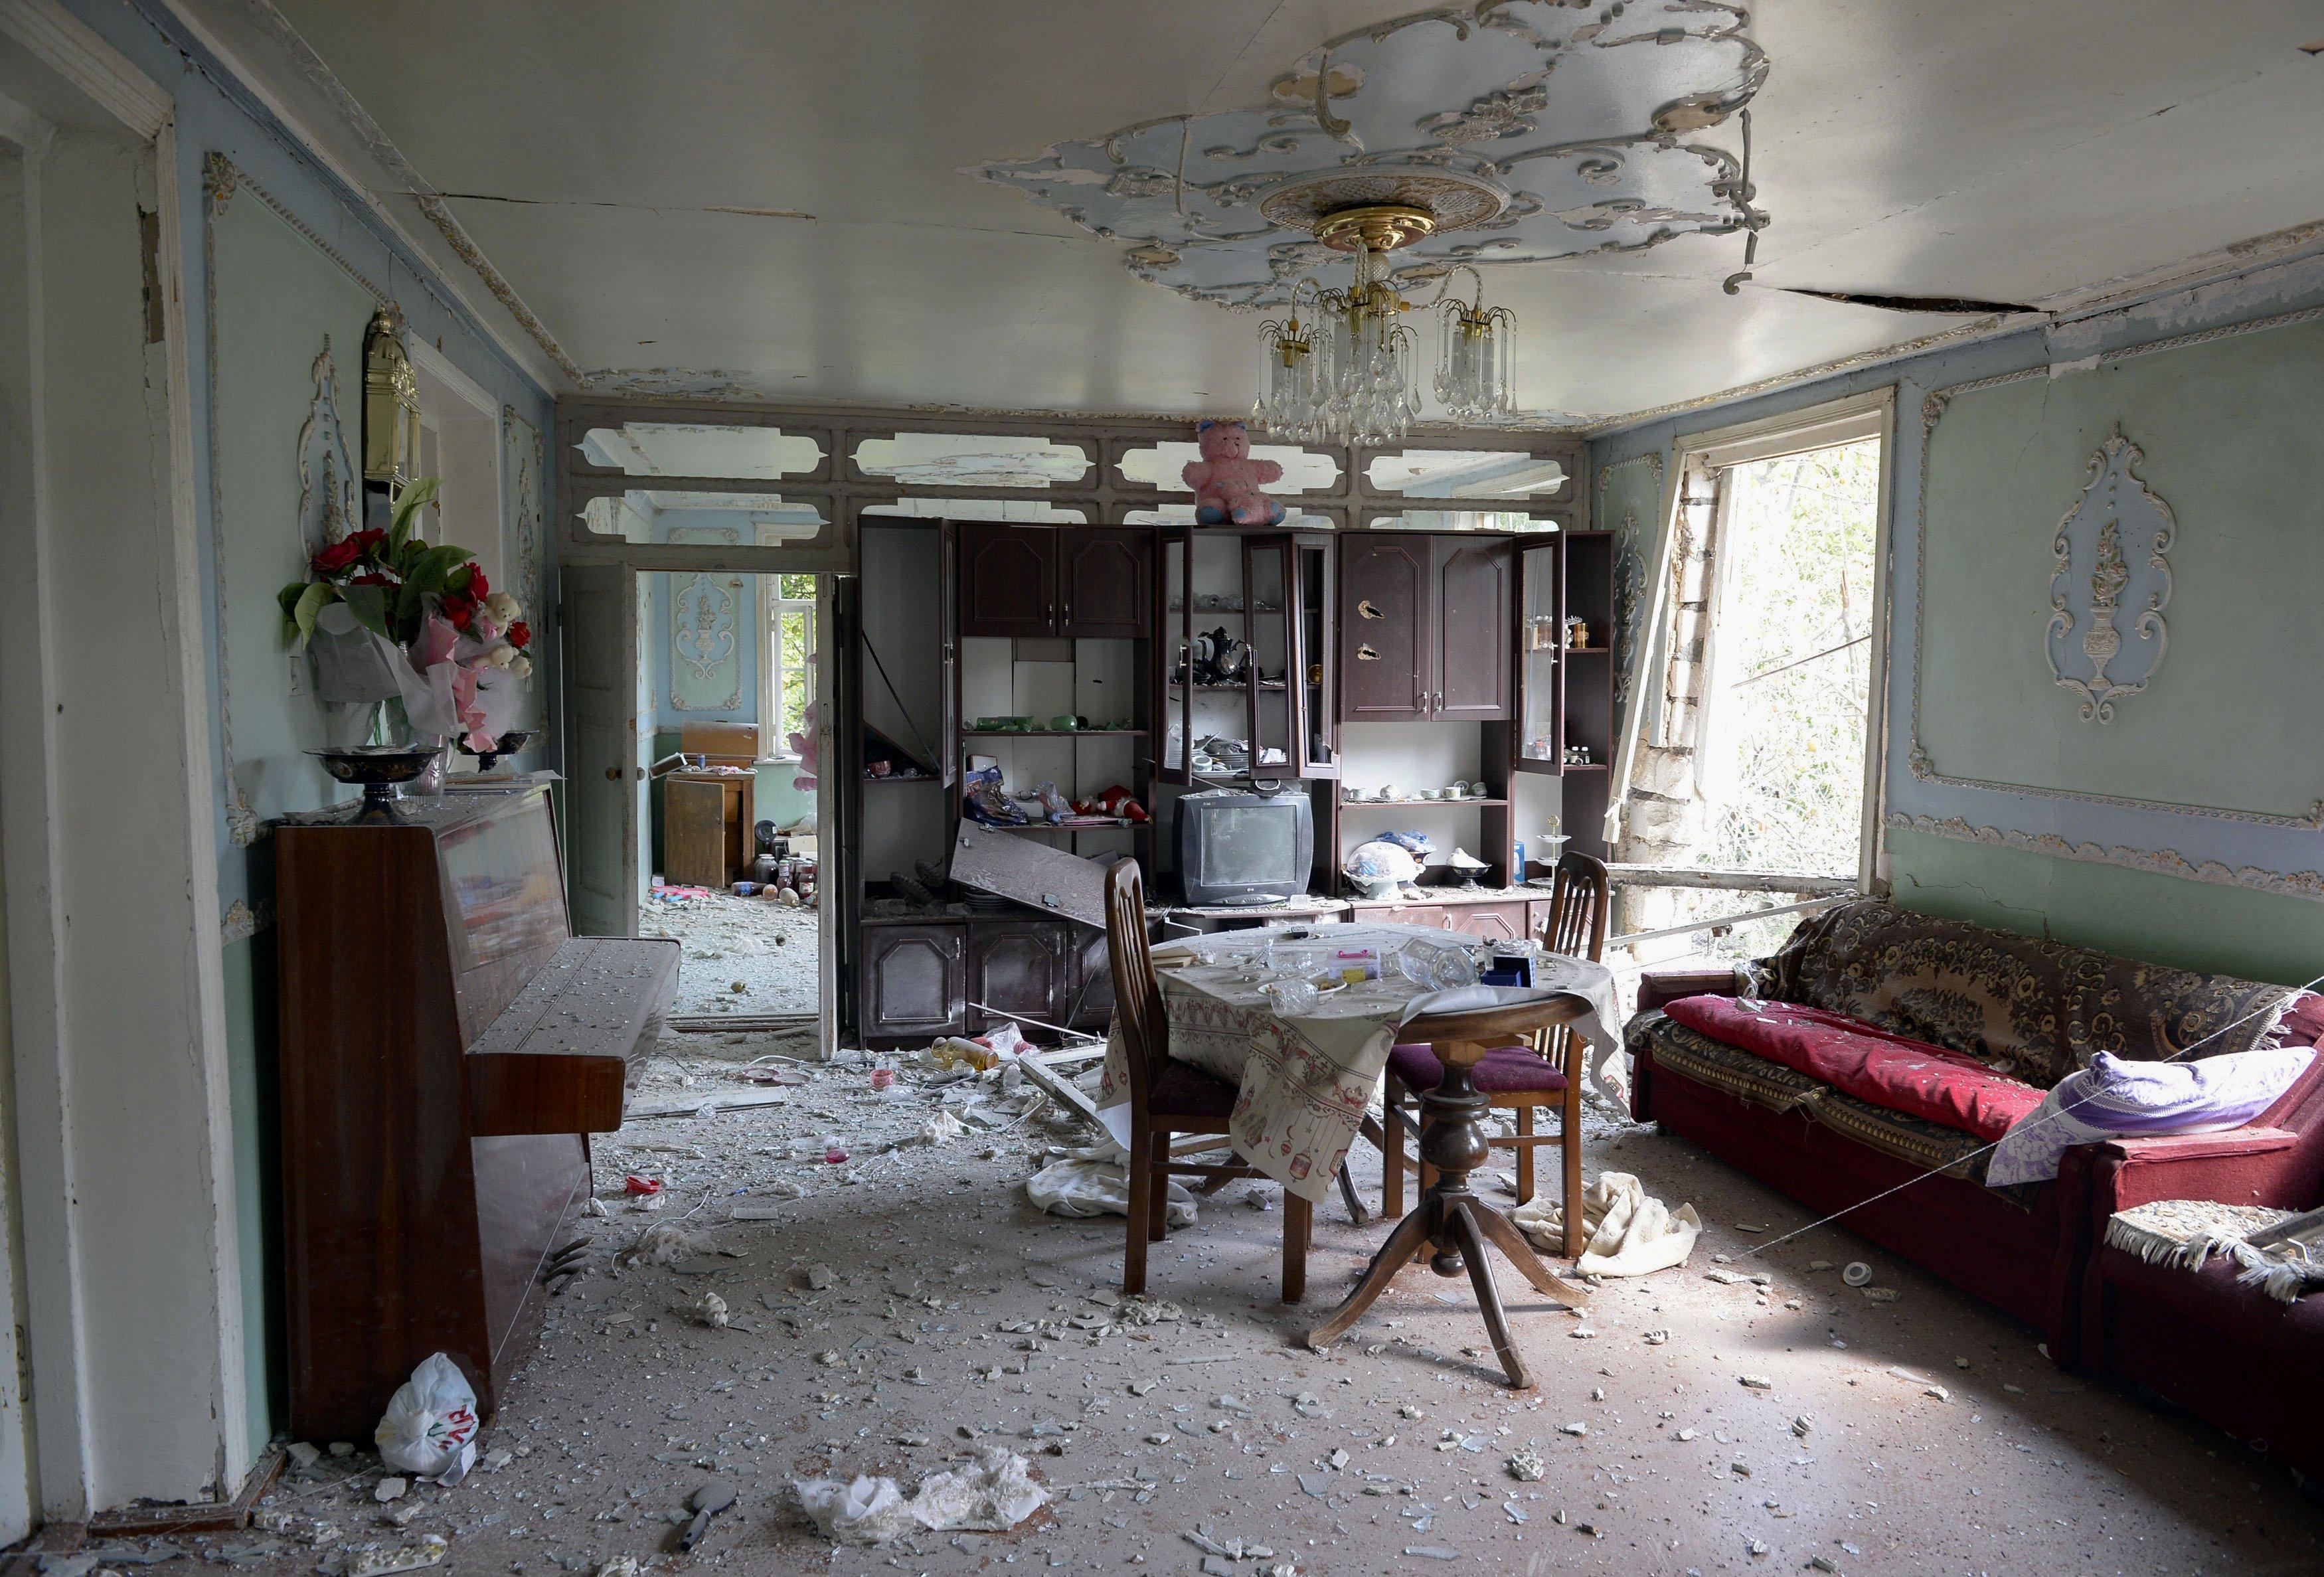 جانب من الدمار الذي ألحقه القصف المتبادل بين أرمينيا وأذربيجان بمنزل في قرية سهل أباد الأذرية